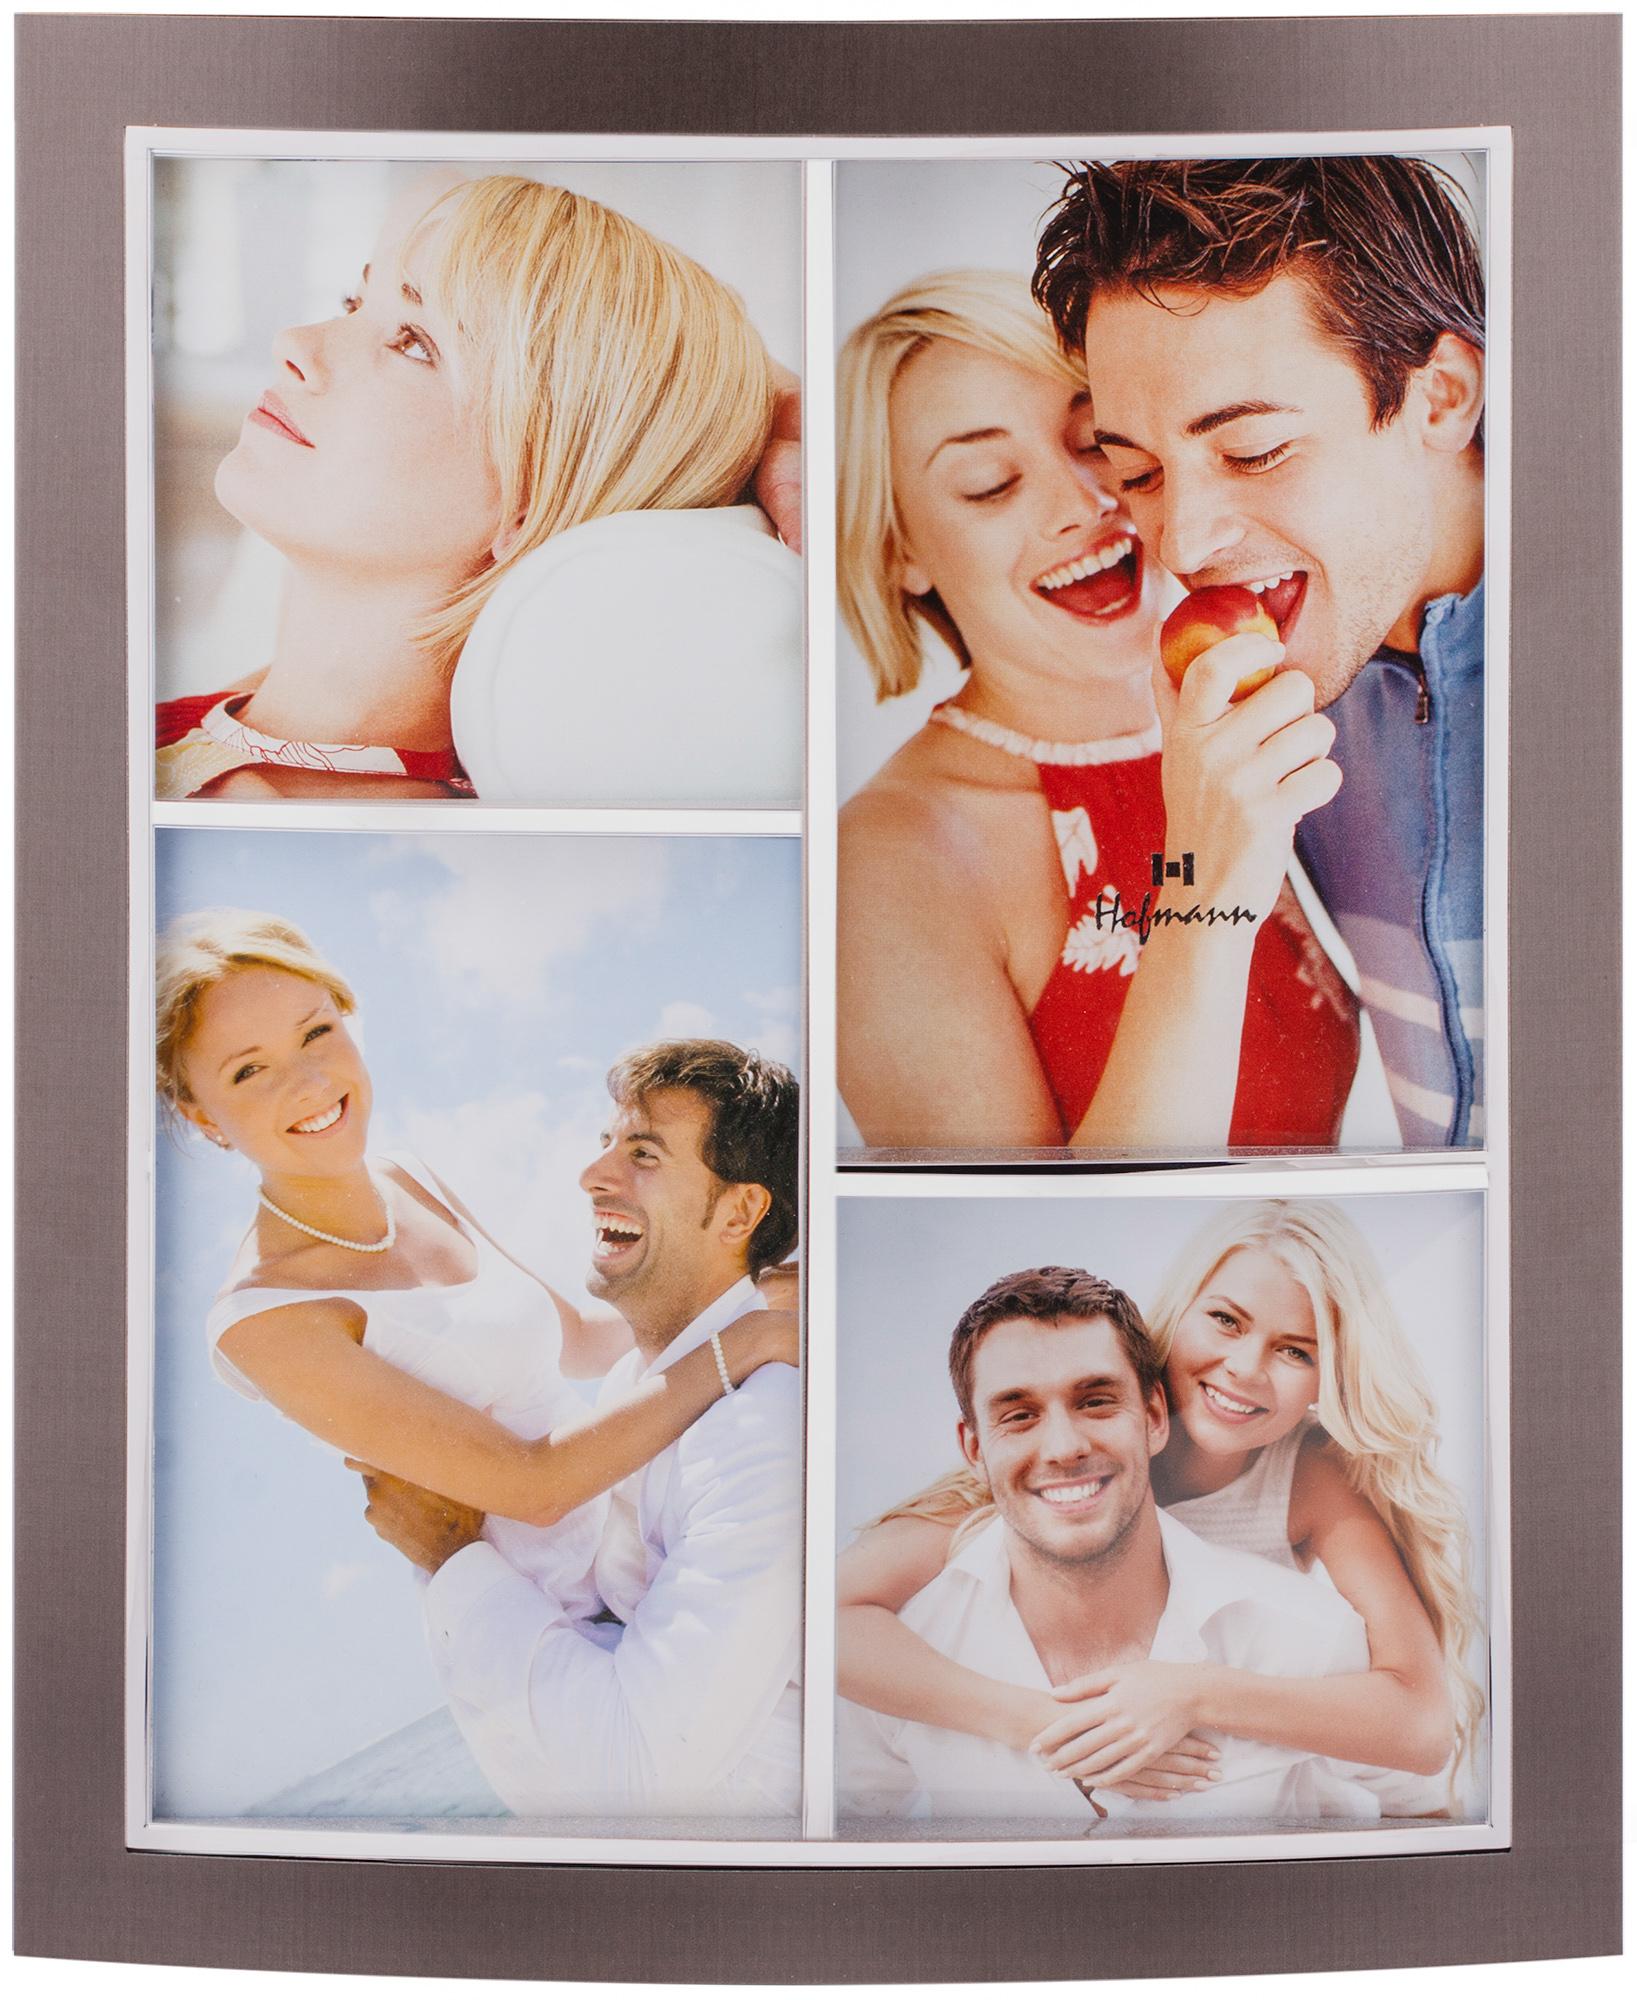 Булавками для, сделать открытку из нескольких фотографий